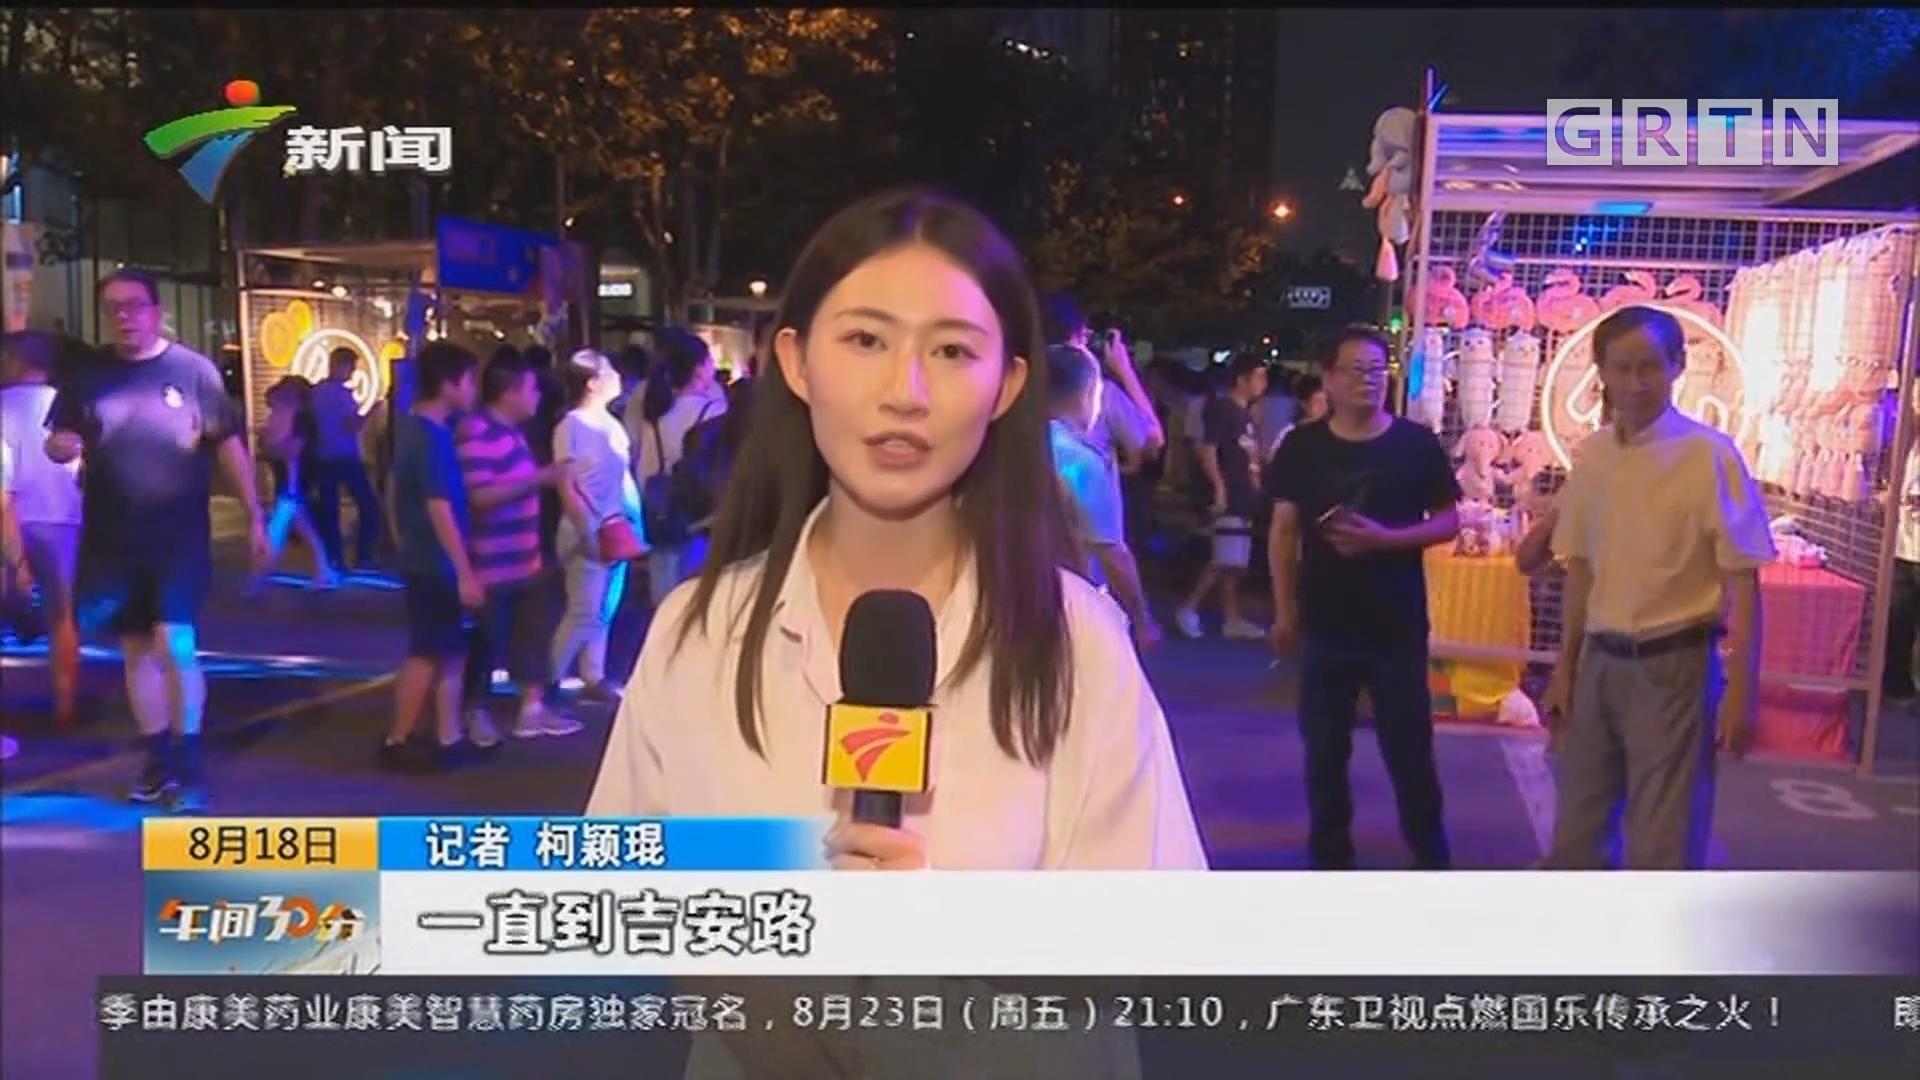 """打造活力街区夜间经济:上海新天地""""分时段""""步行街试运营"""